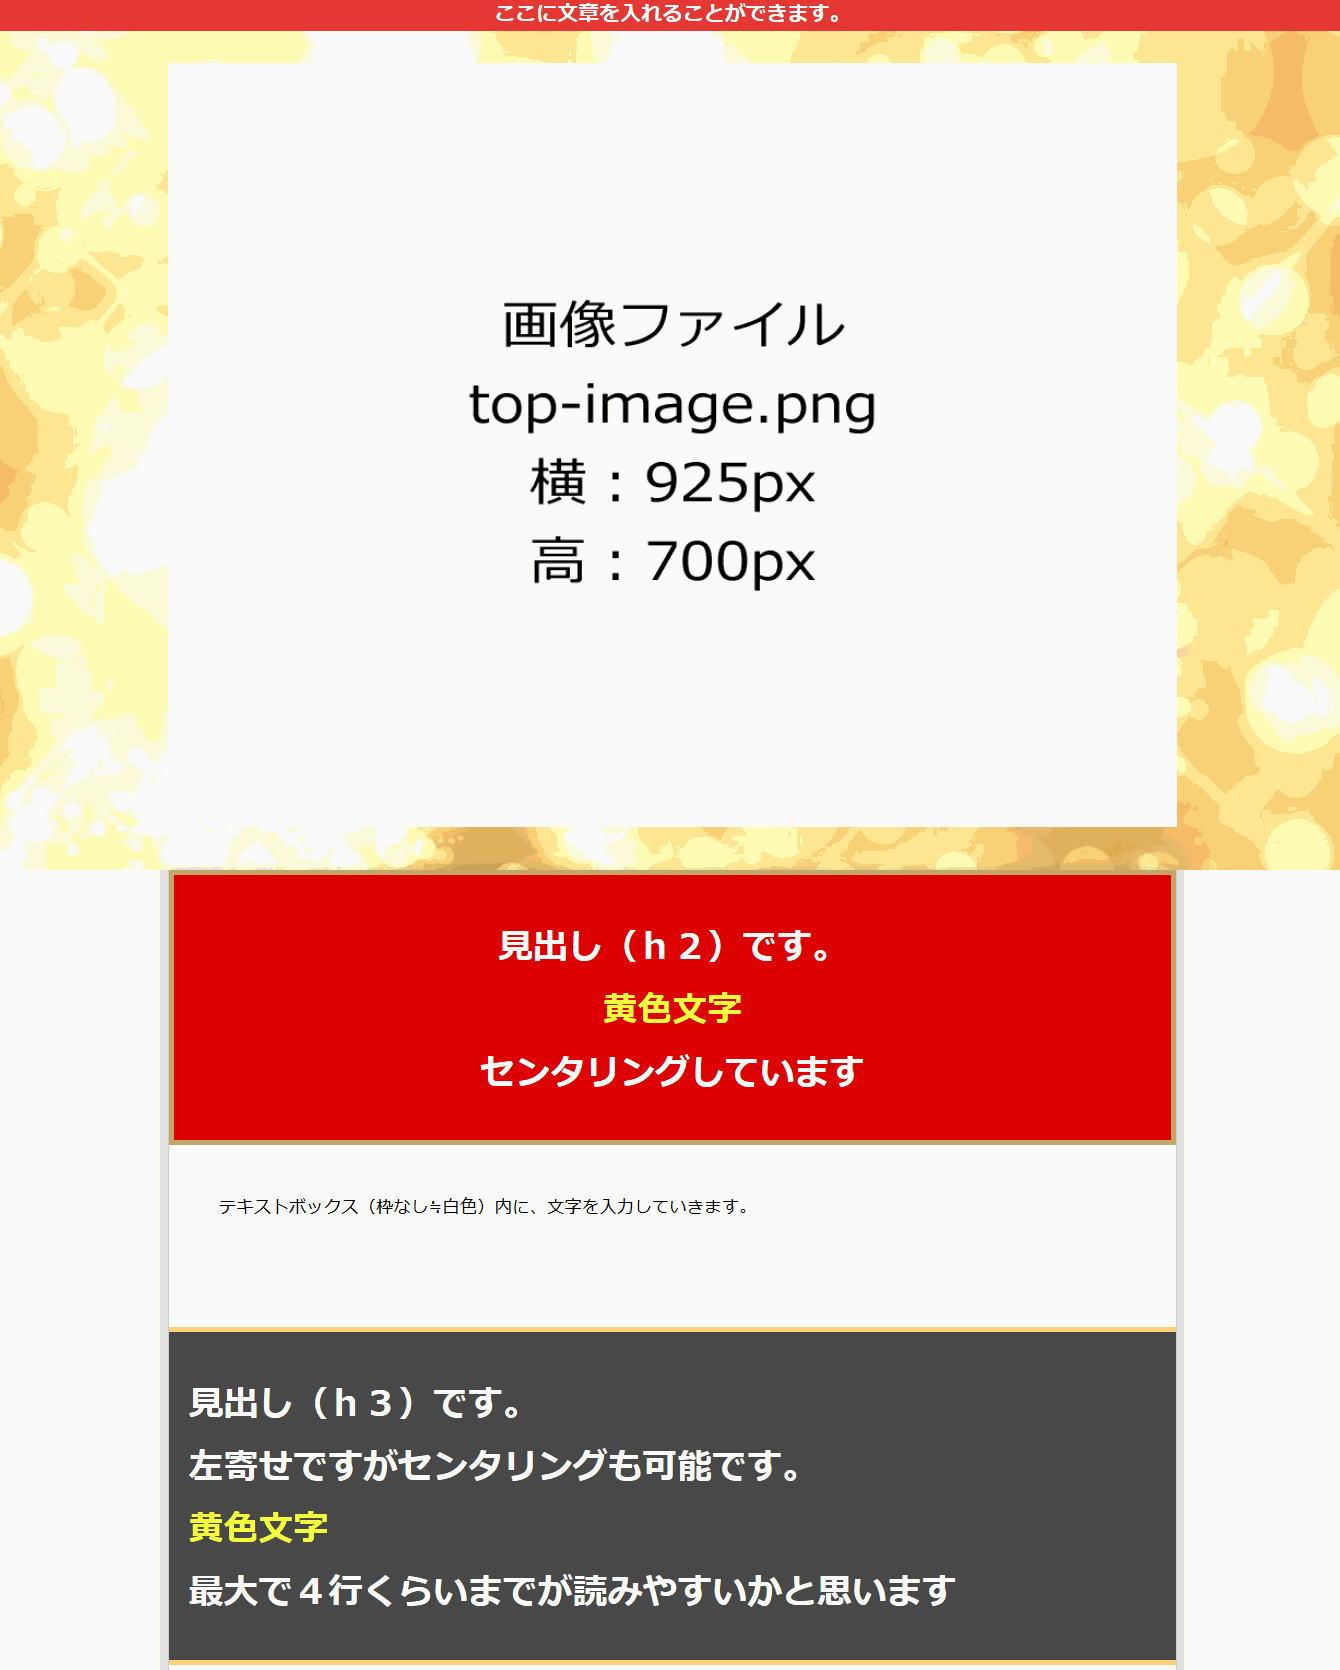 セールスレターページイメージ画像